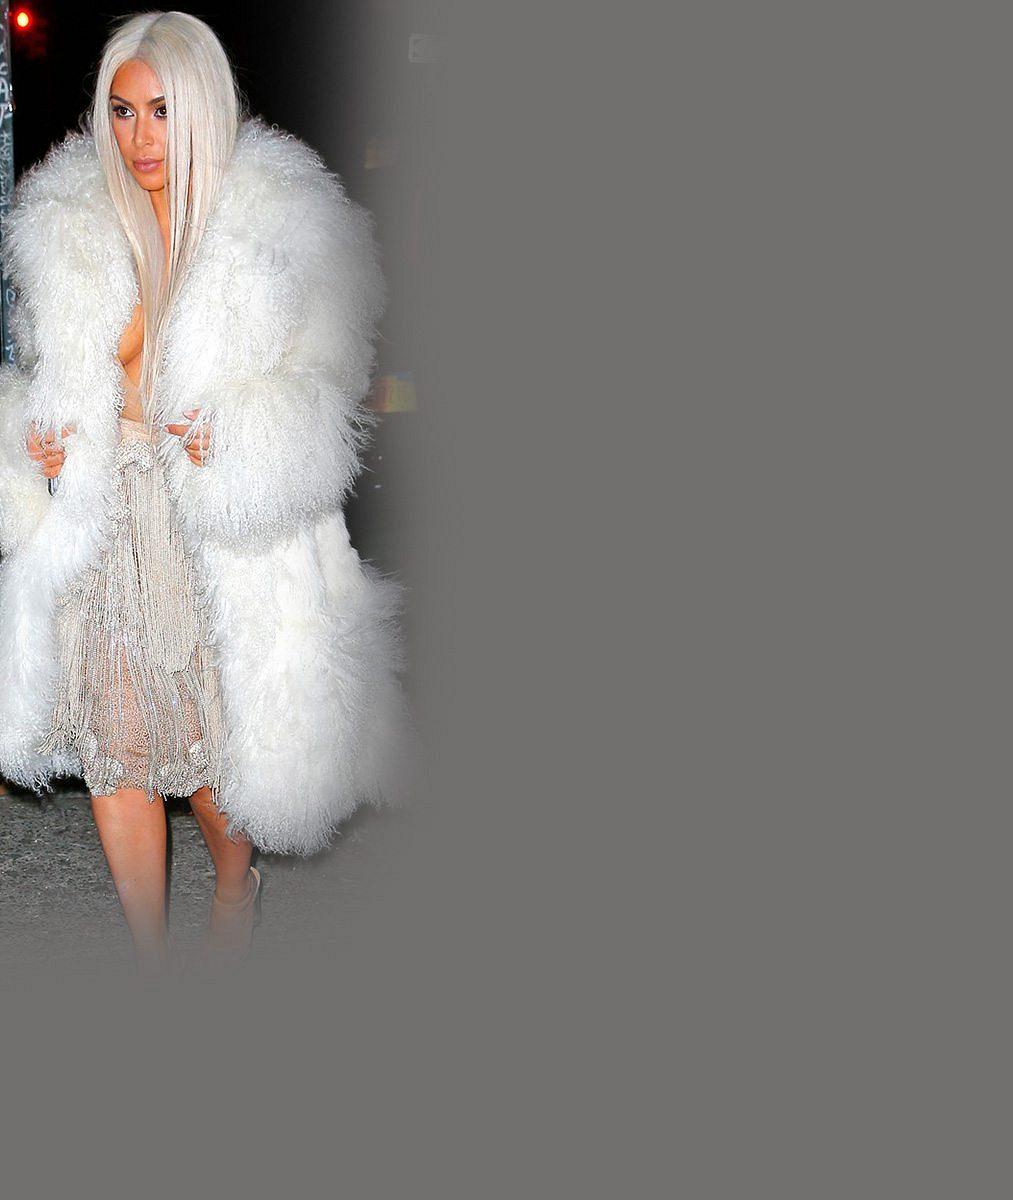 Útlý pas Kim Kardashian? Takhle vypadá její bříško, když ho pořádně nestáhne